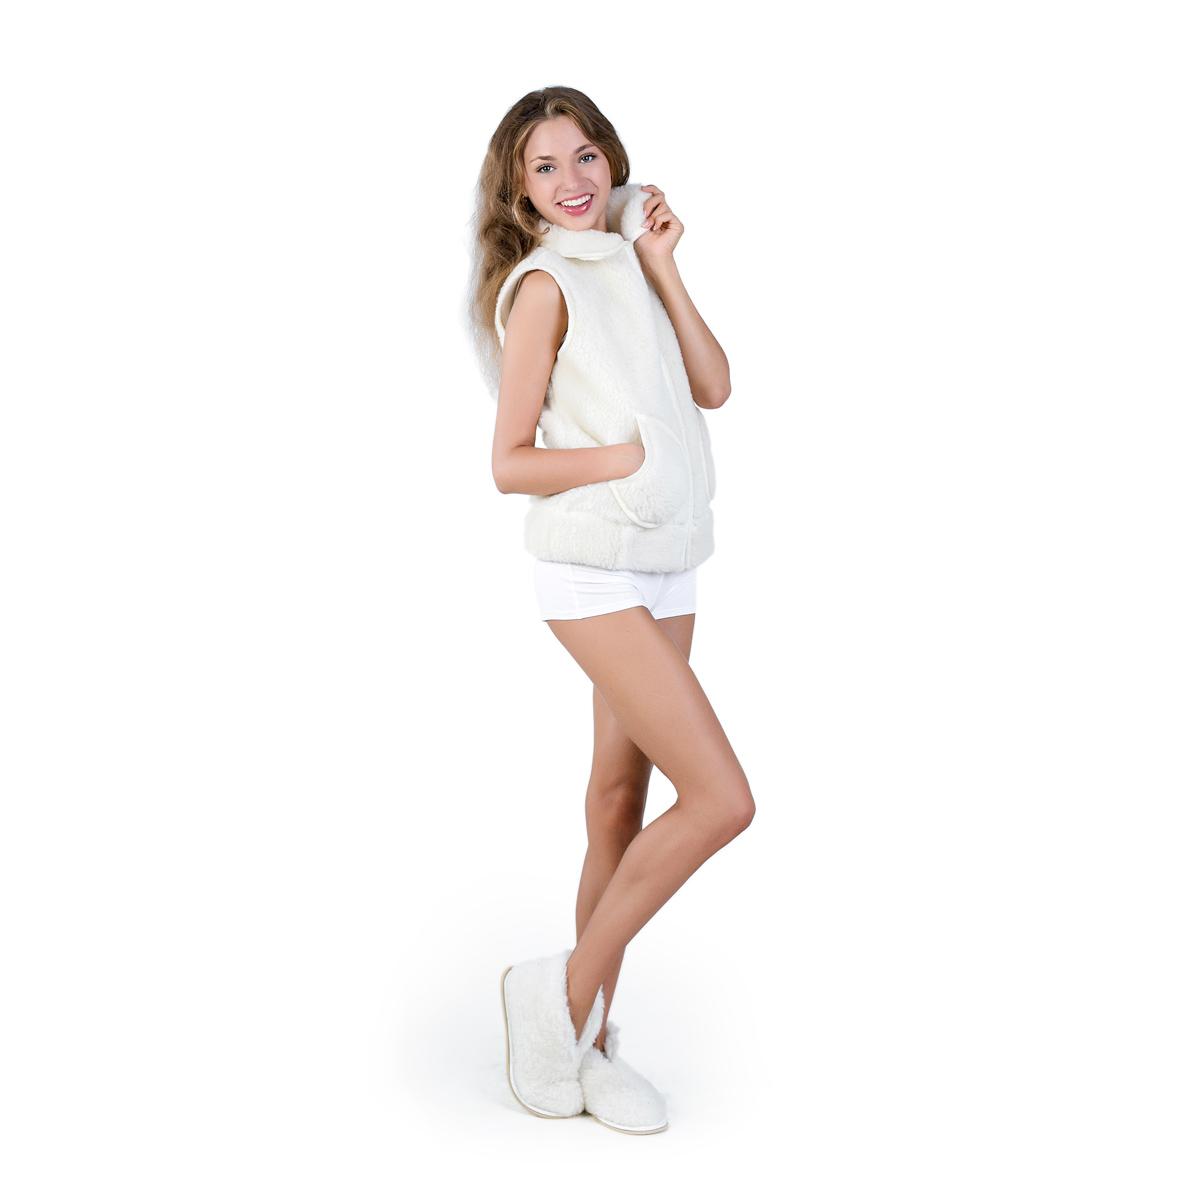 Жен. жилет Модный Белый р. 54Согревающий<br>Обхват груди:108 см<br>Обхват талии:90 см<br>Обхват бедер:116 см<br>Длина по спинке:62 см<br>Рост:164-170 см<br><br>Тип: Жен. жилет<br>Размер: 54<br>Материал: Овечья шерсть